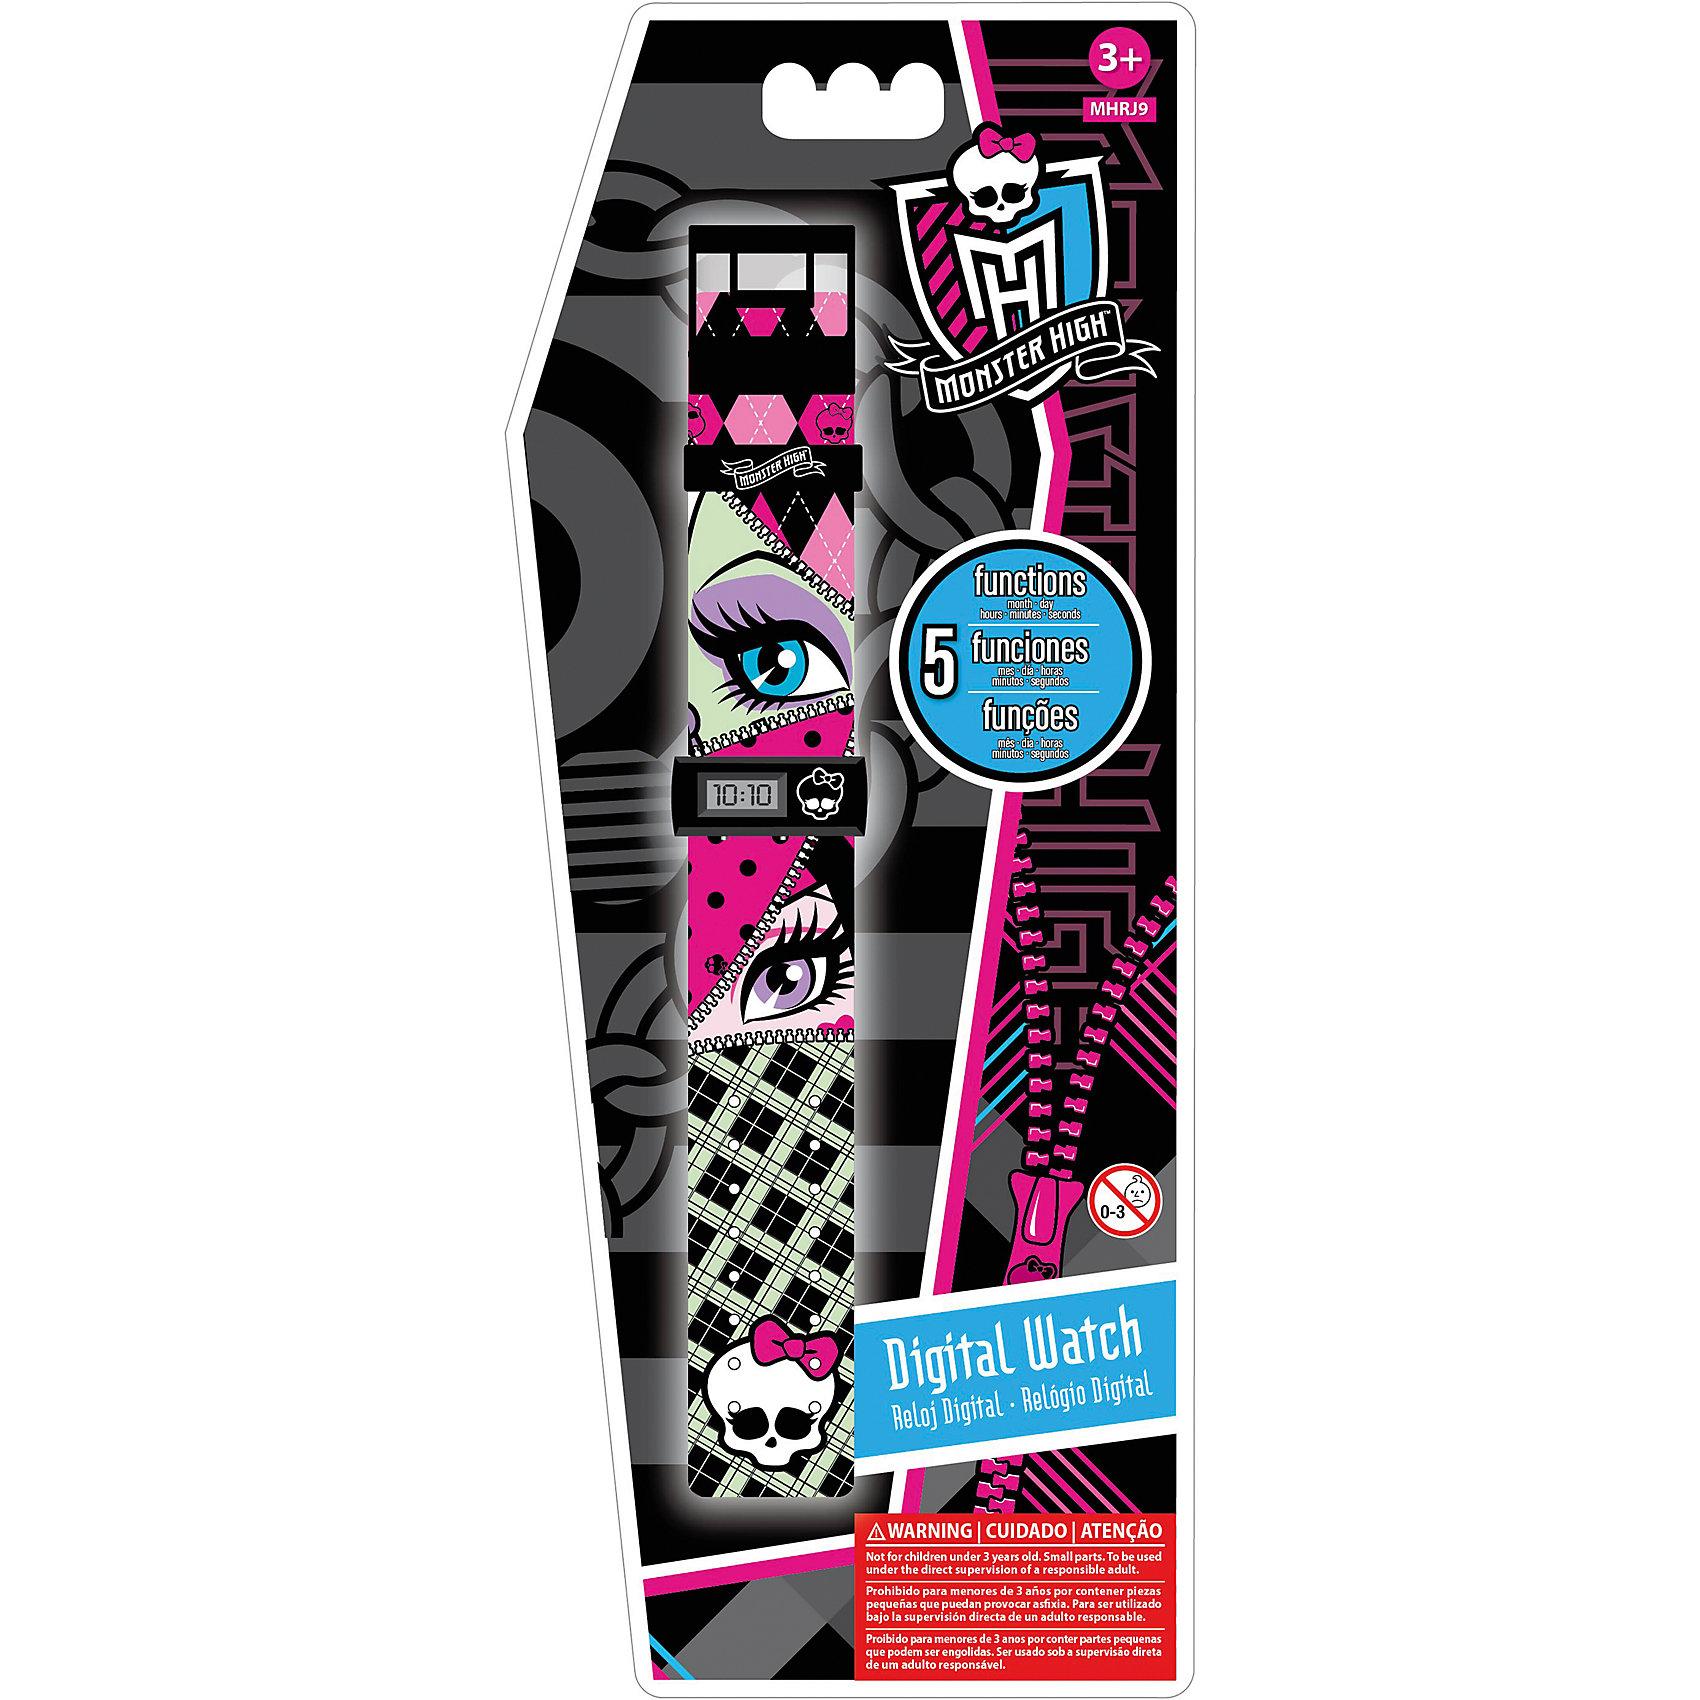 Часы наручные электронные Monster HighMonster High<br>Часы наручные электронные, Monster High (Школа Монстров) - стильный подарок настоящим фанатам Школы Монстров.<br>Оригинальные черные прямоугольные детские часы с корпусом и браслетом из пластика. Часы имеют 5 функций: месяц, день, часы, минуты и секунды. <br><br>Дополнительная информация:<br><br>- Размер циферблата часов: 3х1,5см.<br>- Длина ремешка с часами: 21см.<br>- Ширина ремешка: 3см.<br>- Возраст от 3 лет (товар содержит мелкие детали).<br>- Срок гарантии часов - 6 месяцев<br><br>Часы наручные электронные, Monster High (Школа Монстров) можно купить в нашем интернет-магазине.<br><br>Ширина мм: 113<br>Глубина мм: 13<br>Высота мм: 278<br>Вес г: 48<br>Возраст от месяцев: 36<br>Возраст до месяцев: 144<br>Пол: Женский<br>Возраст: Детский<br>SKU: 3514686